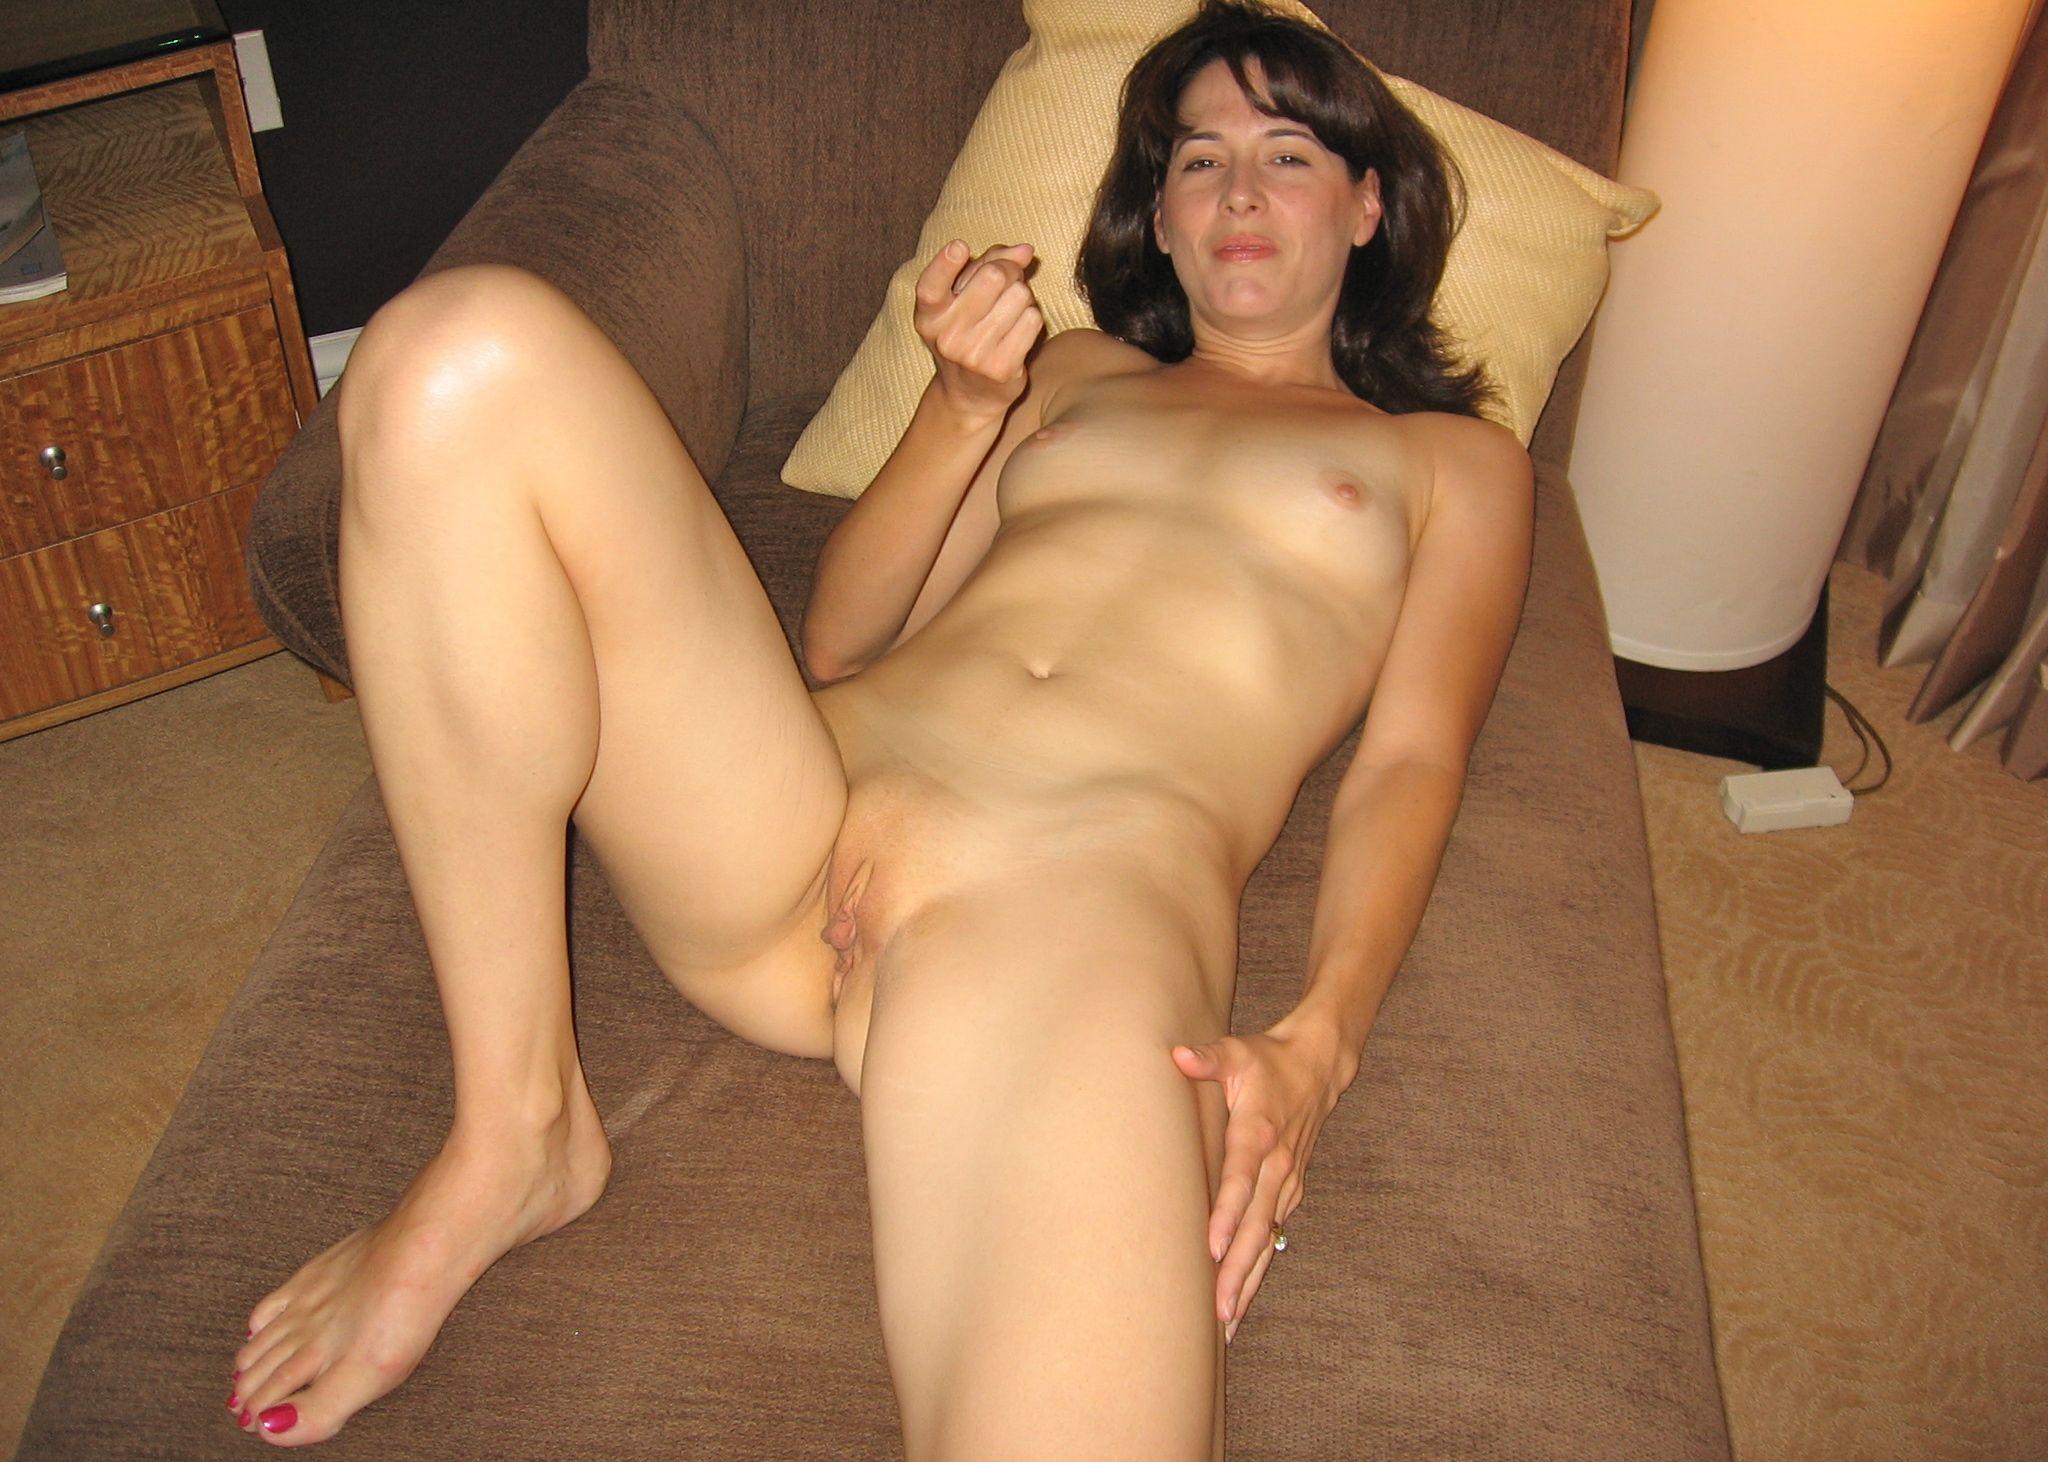 Фото голых женщин тридцать лет 4 фотография